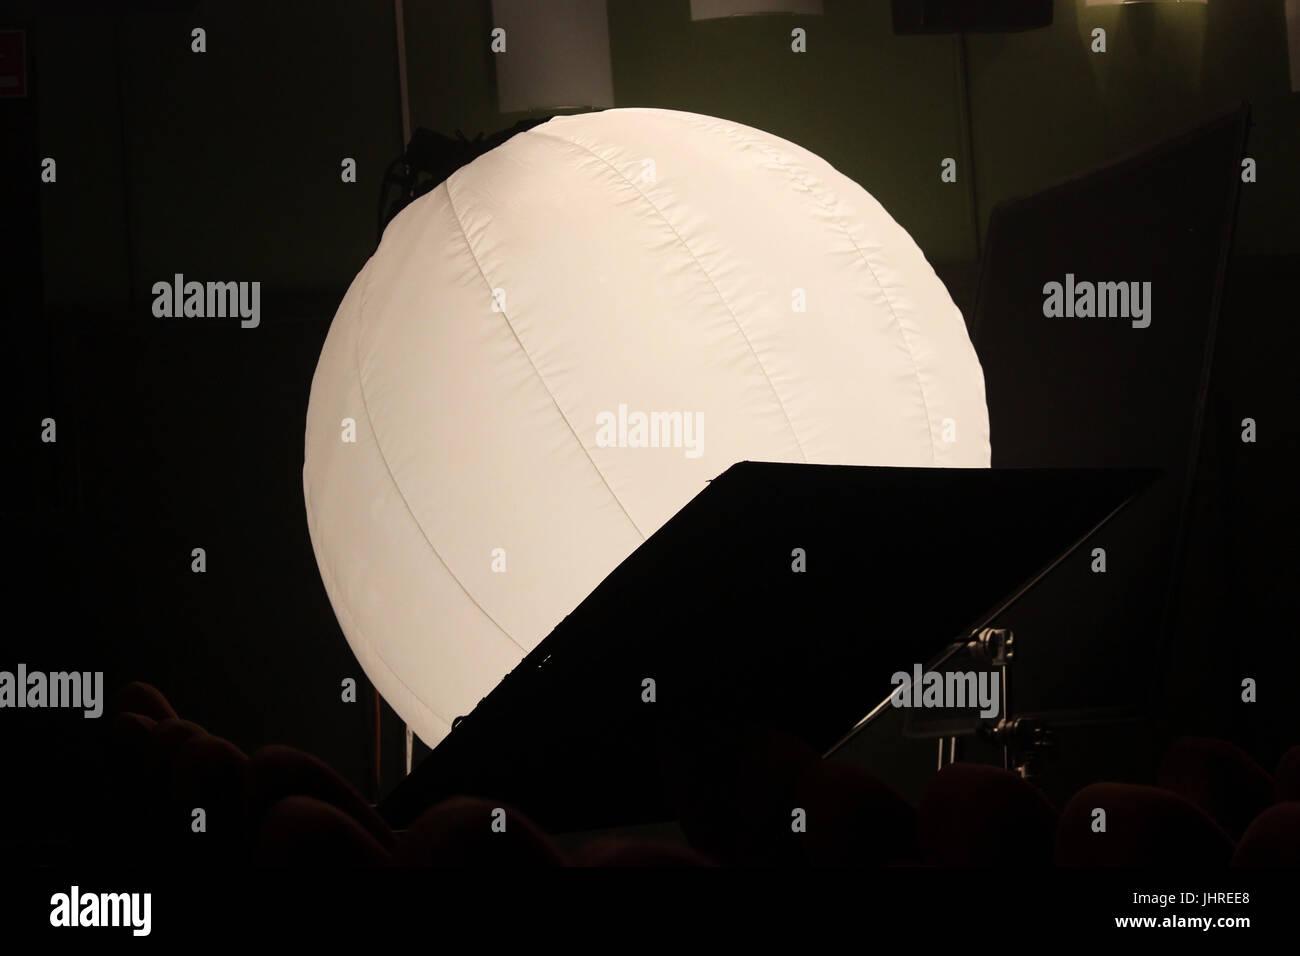 Le trépied sphère est utilisé pour l'éclairage intérieur dans une salle de cinéma Photo Stock